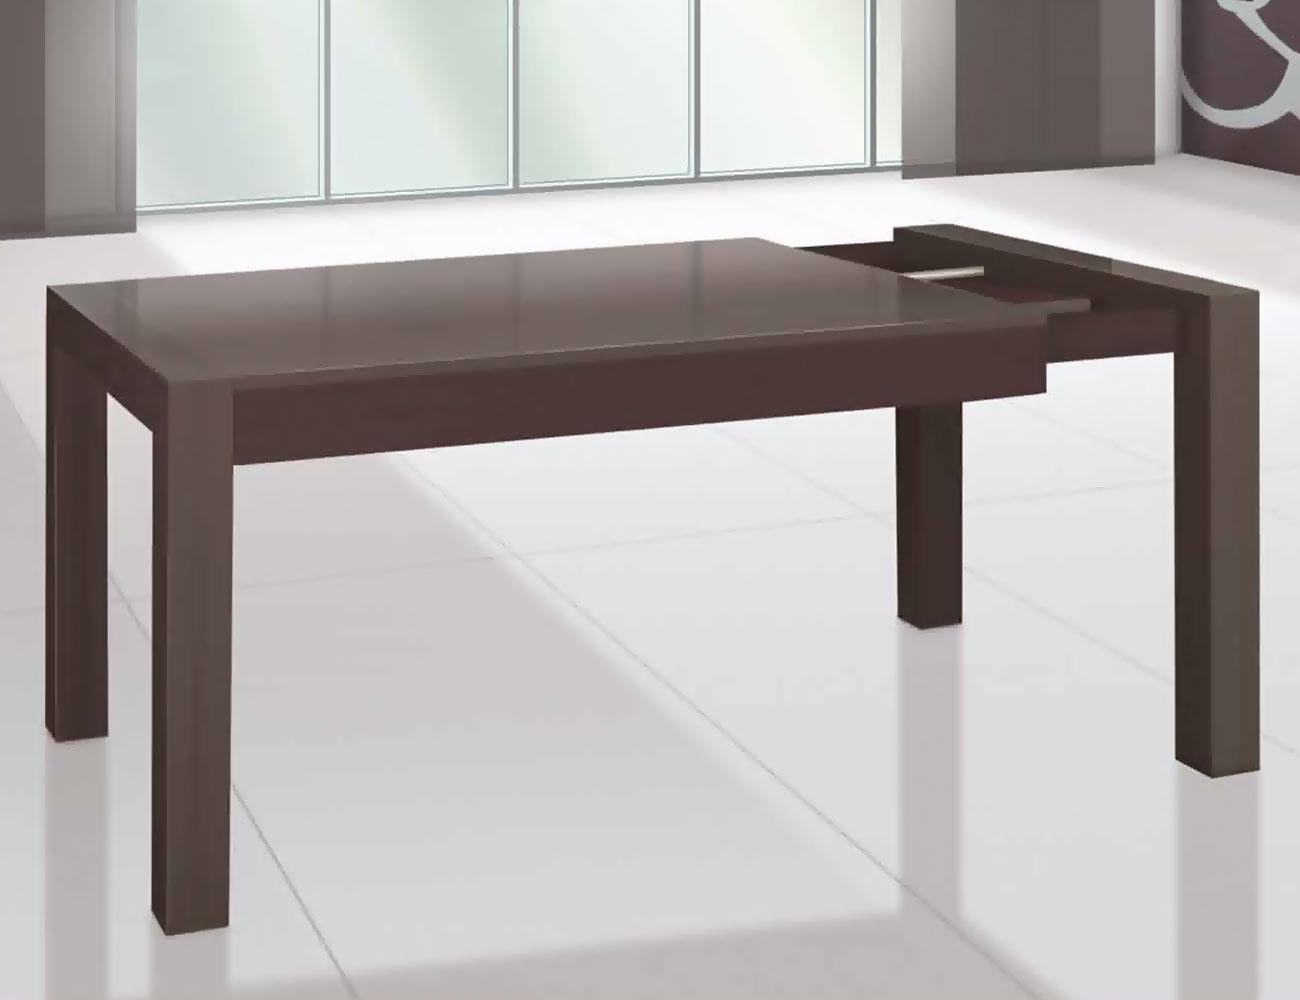 Mesa comedor extensible con carro met lico en madera - Mesas comedor madera extensibles ...